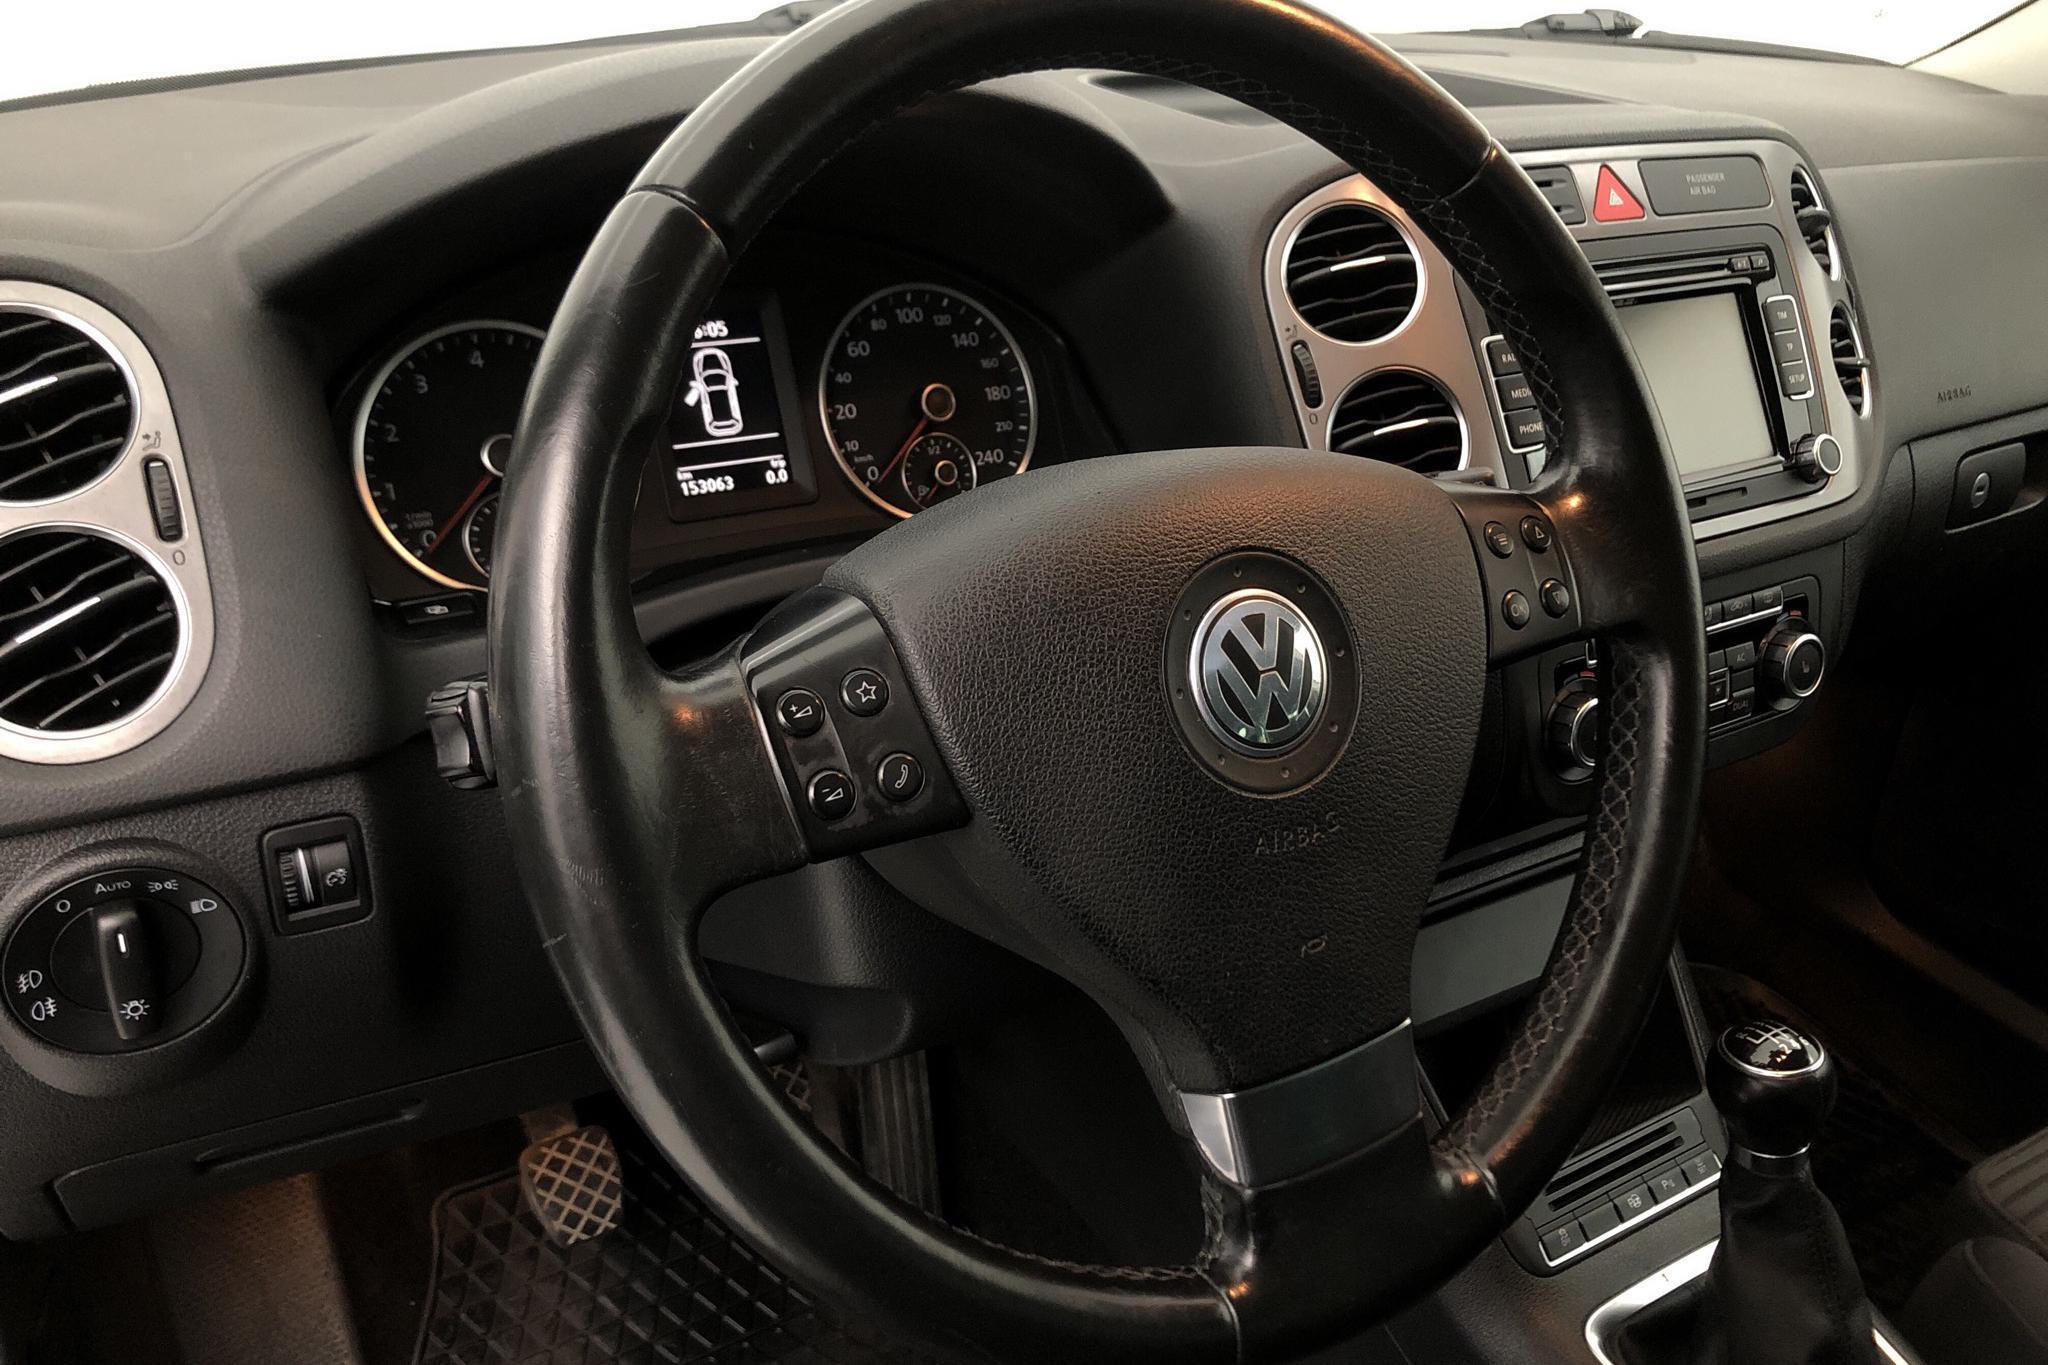 VW Tiguan 1.4 TSI (150hk) - 153 060 km - Manual - white - 2010